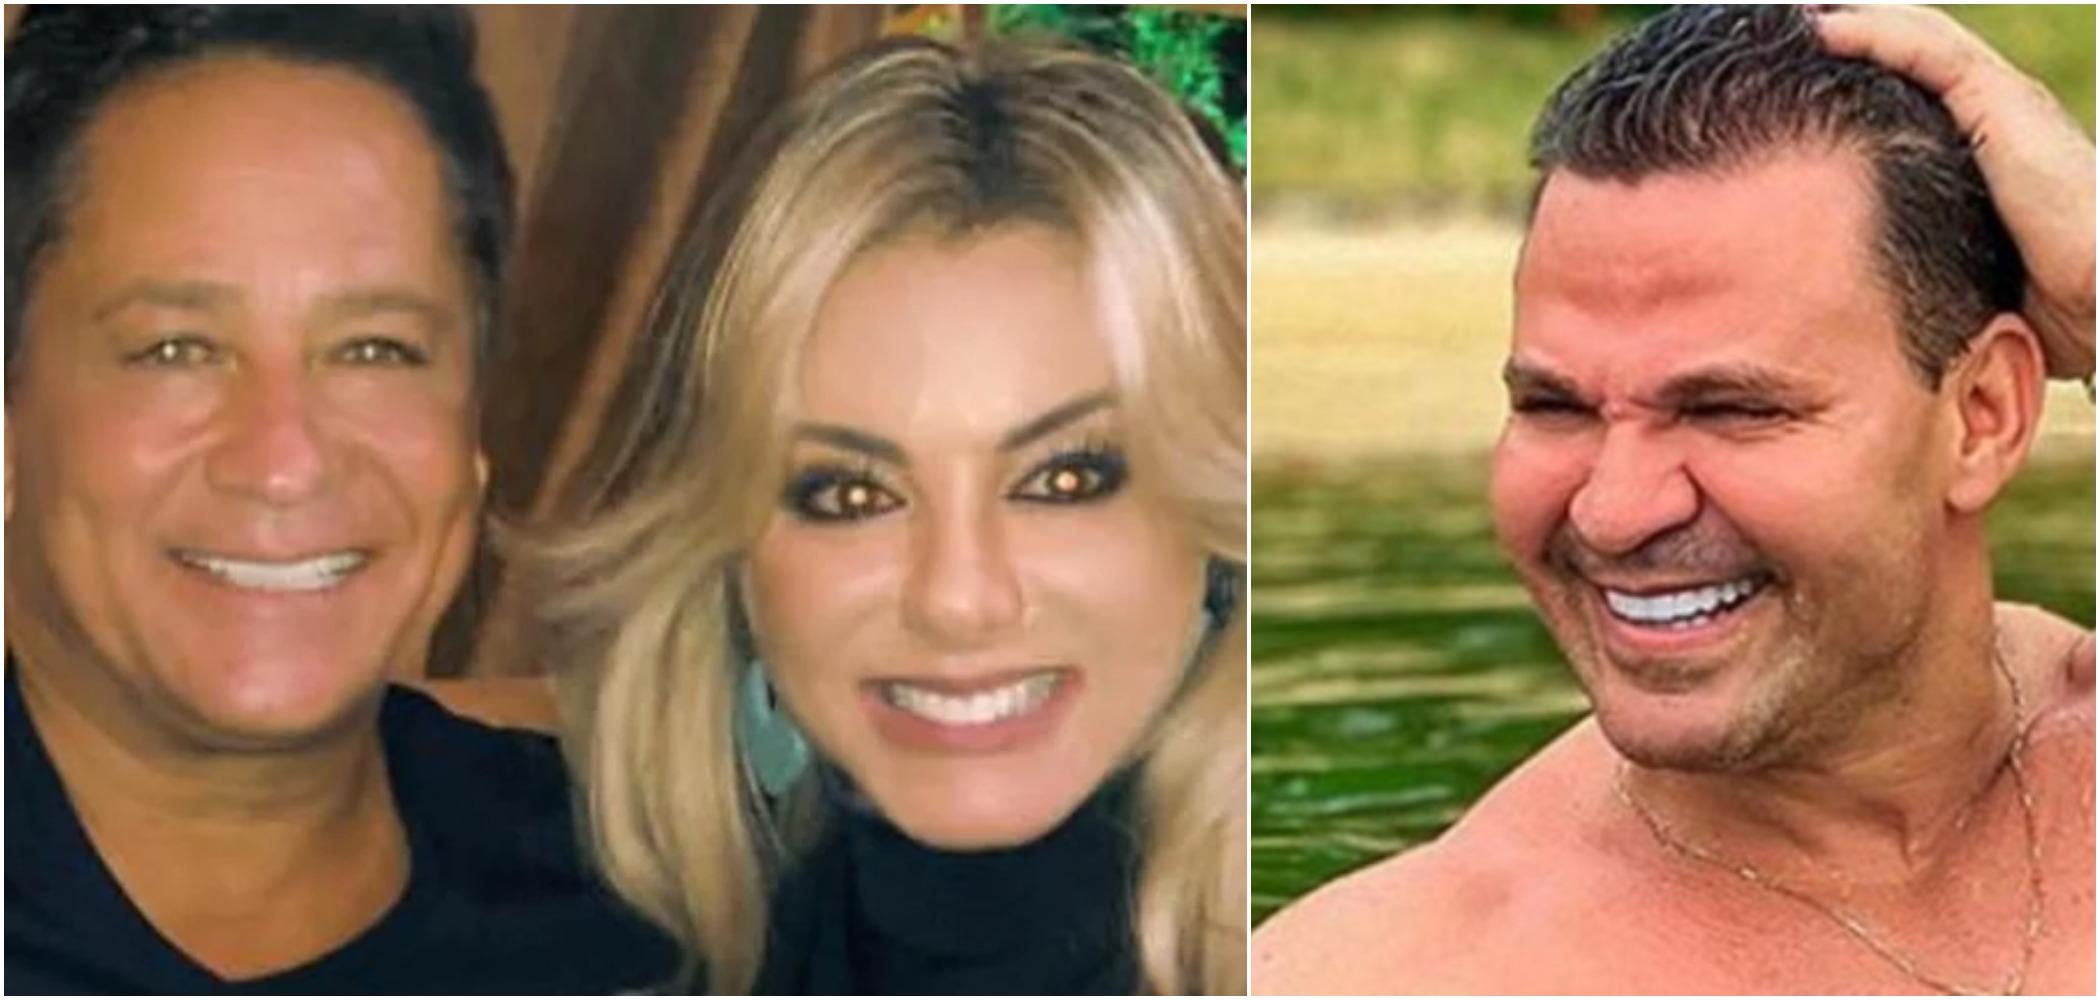 Leonardo Costa e sua esposa, Poliana Rocha, são amigos de Eduardo Costa (Reprodução)